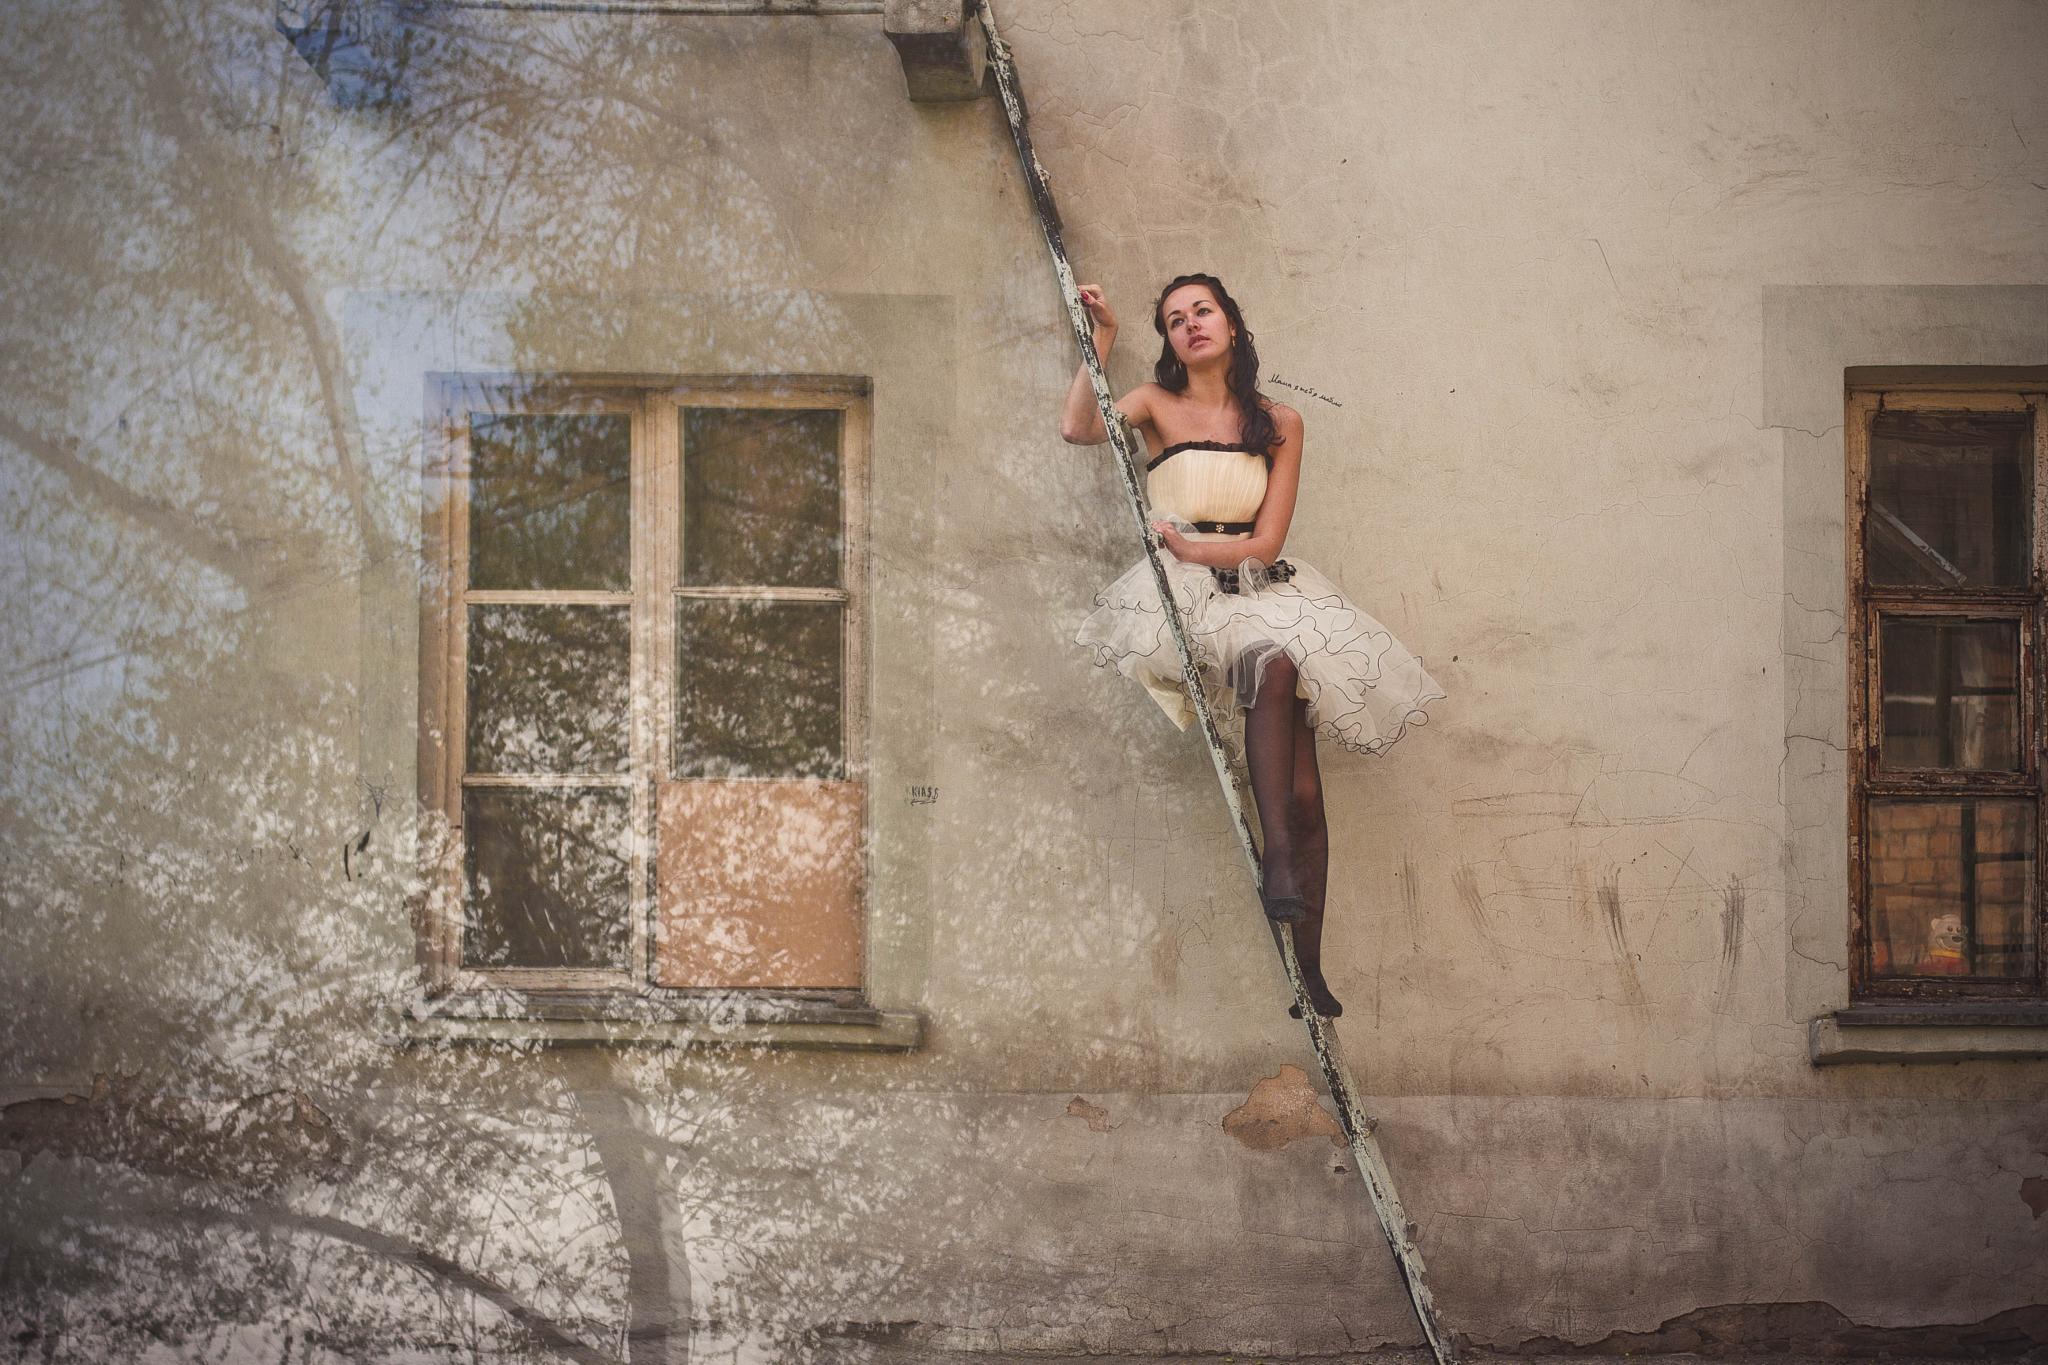 Dream by Janin Reifer